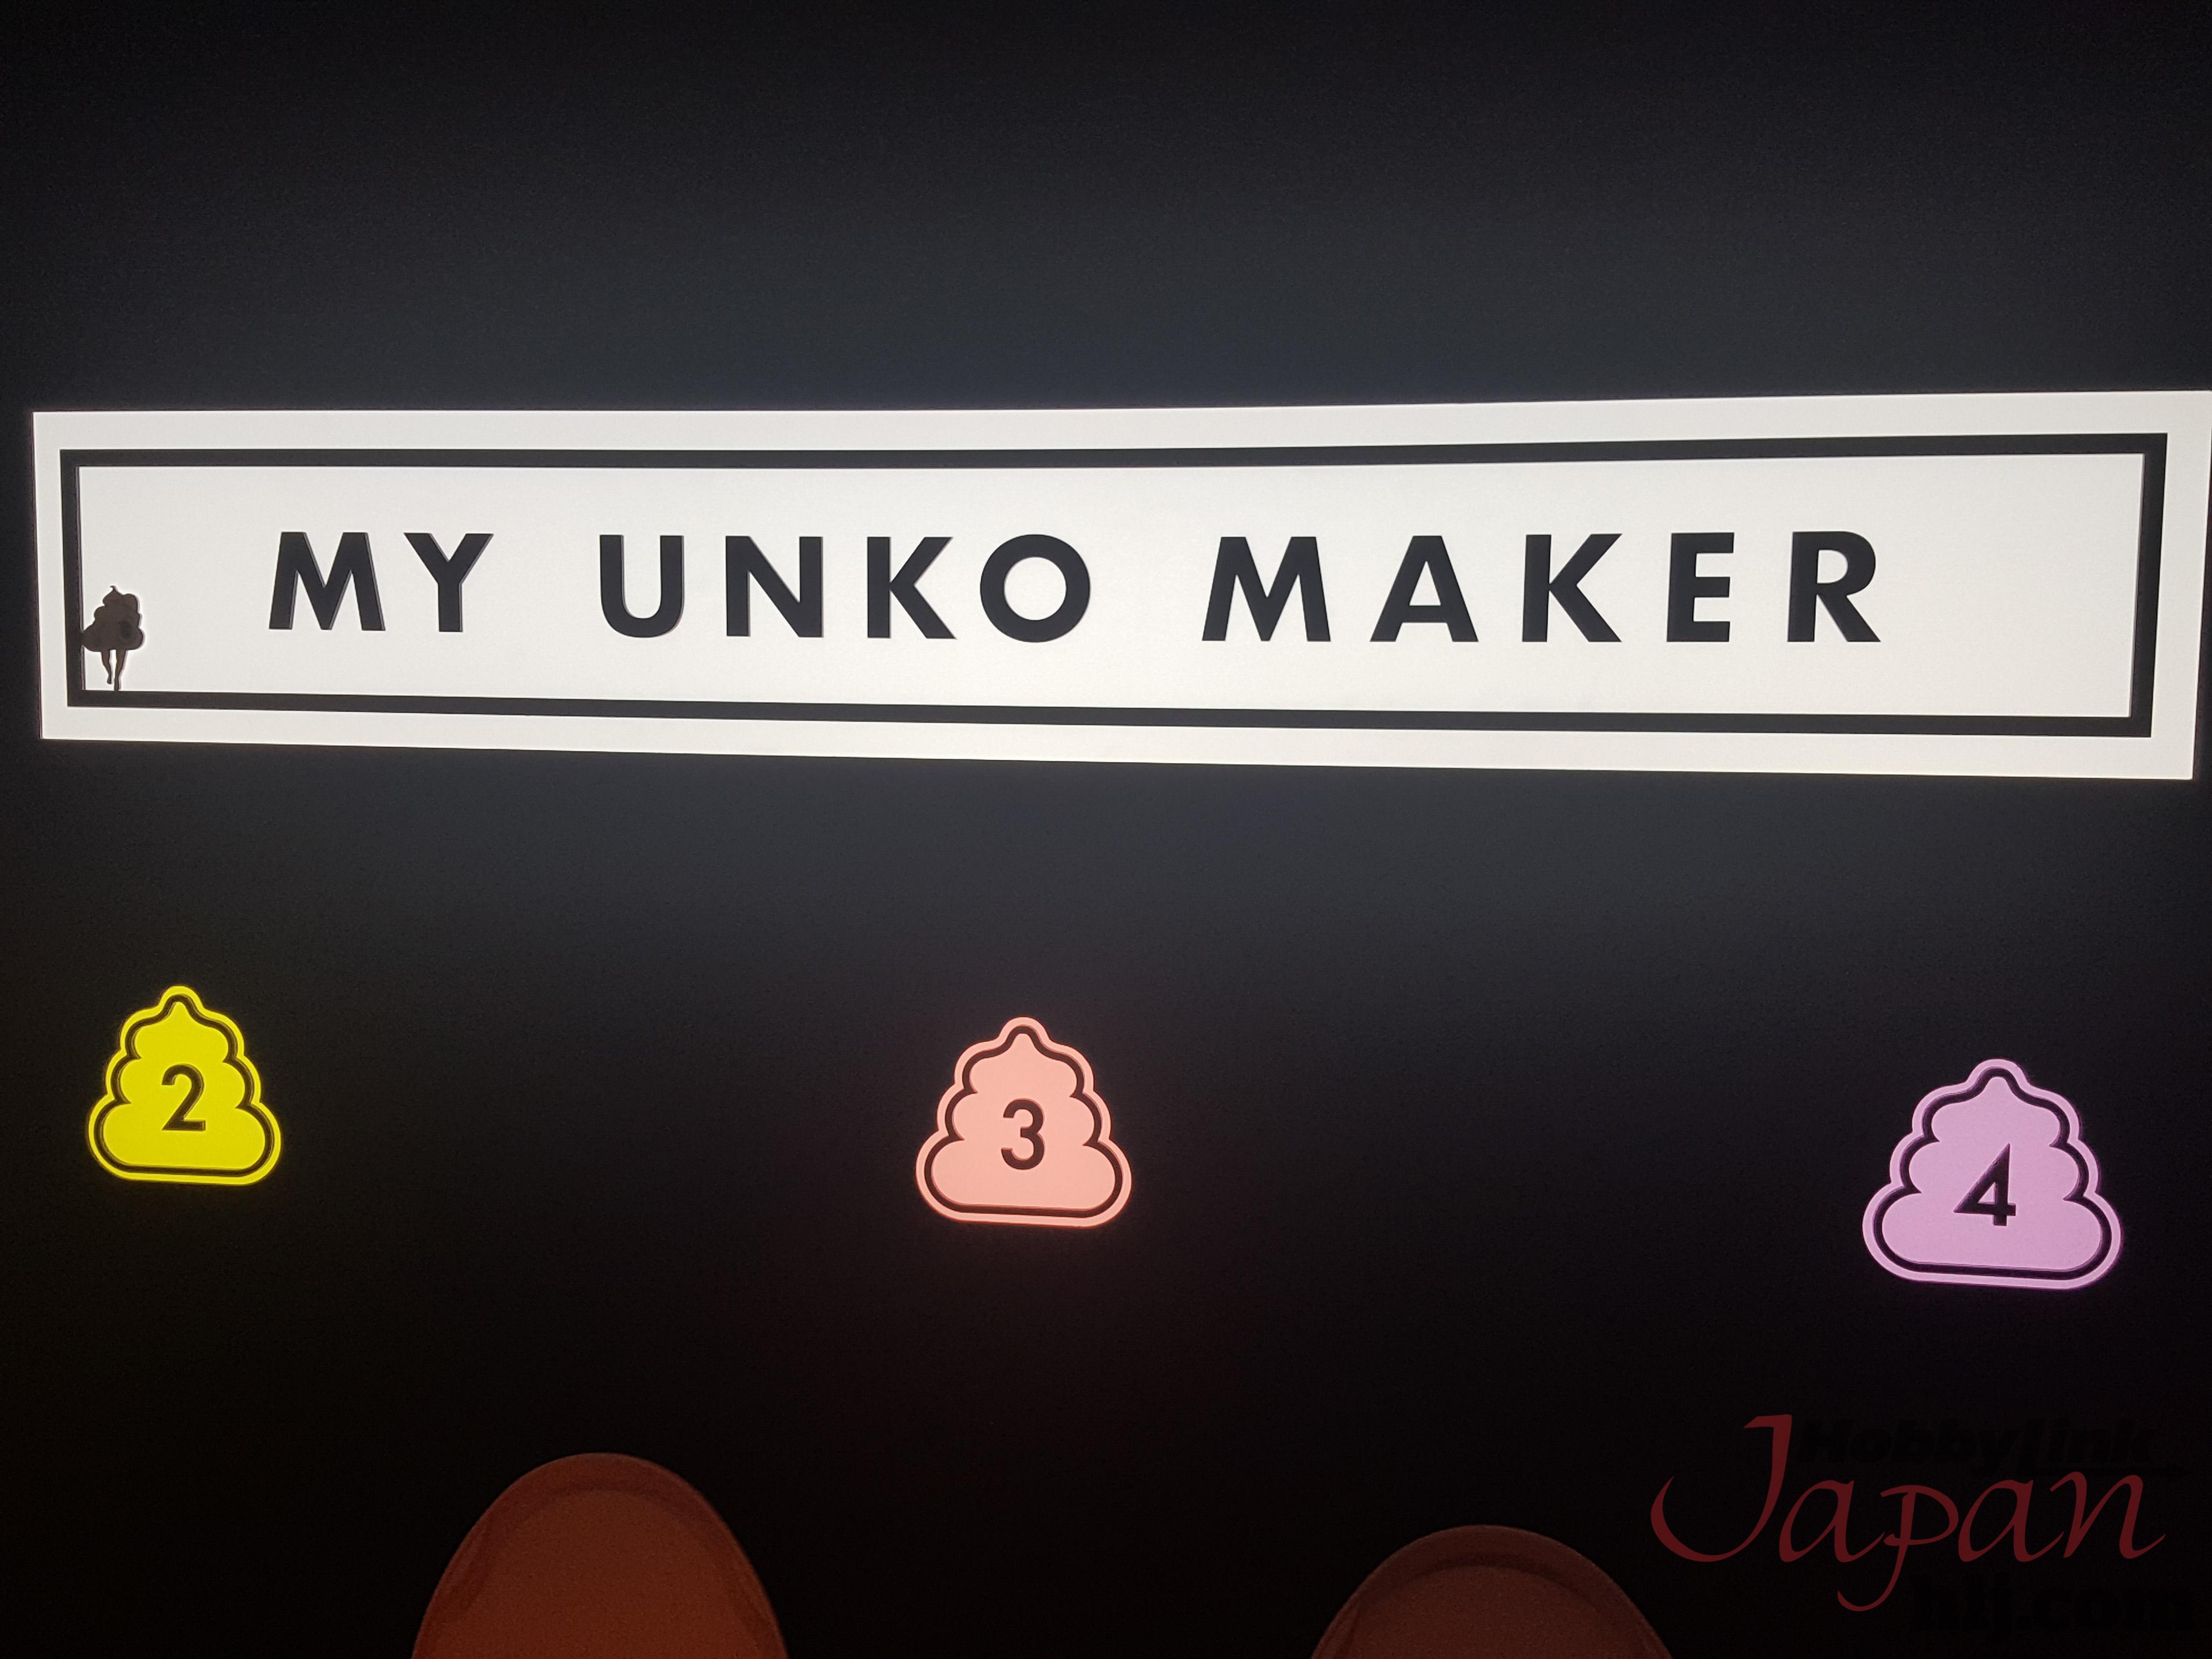 Unko Museum: My Unko Maker